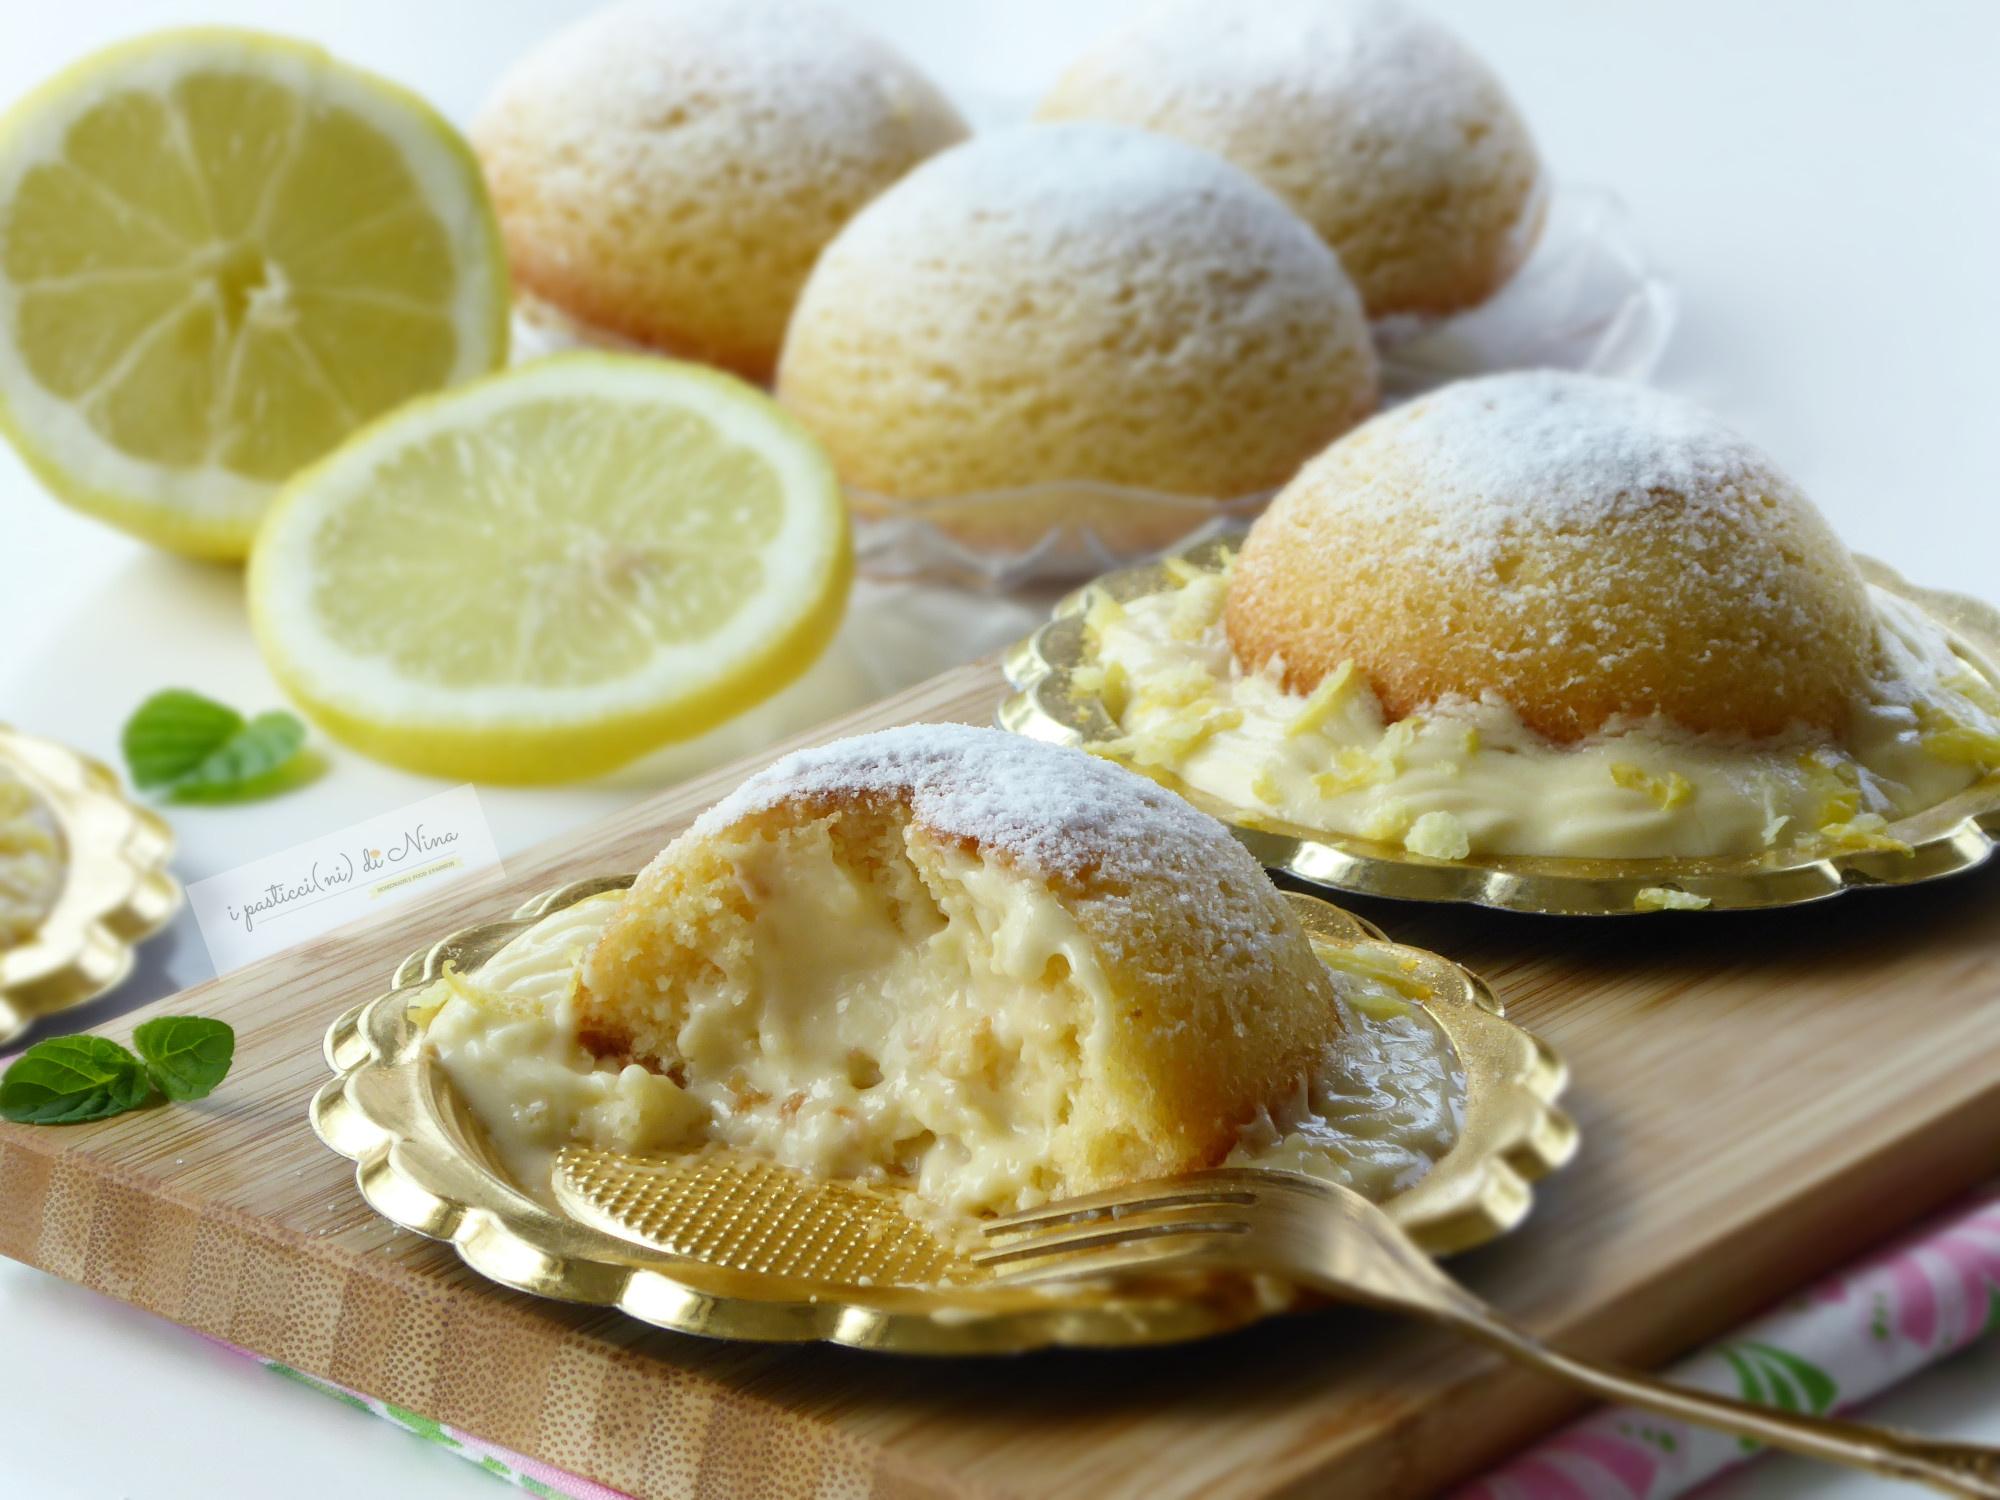 Semisfere soffici e cremose con crema al limone